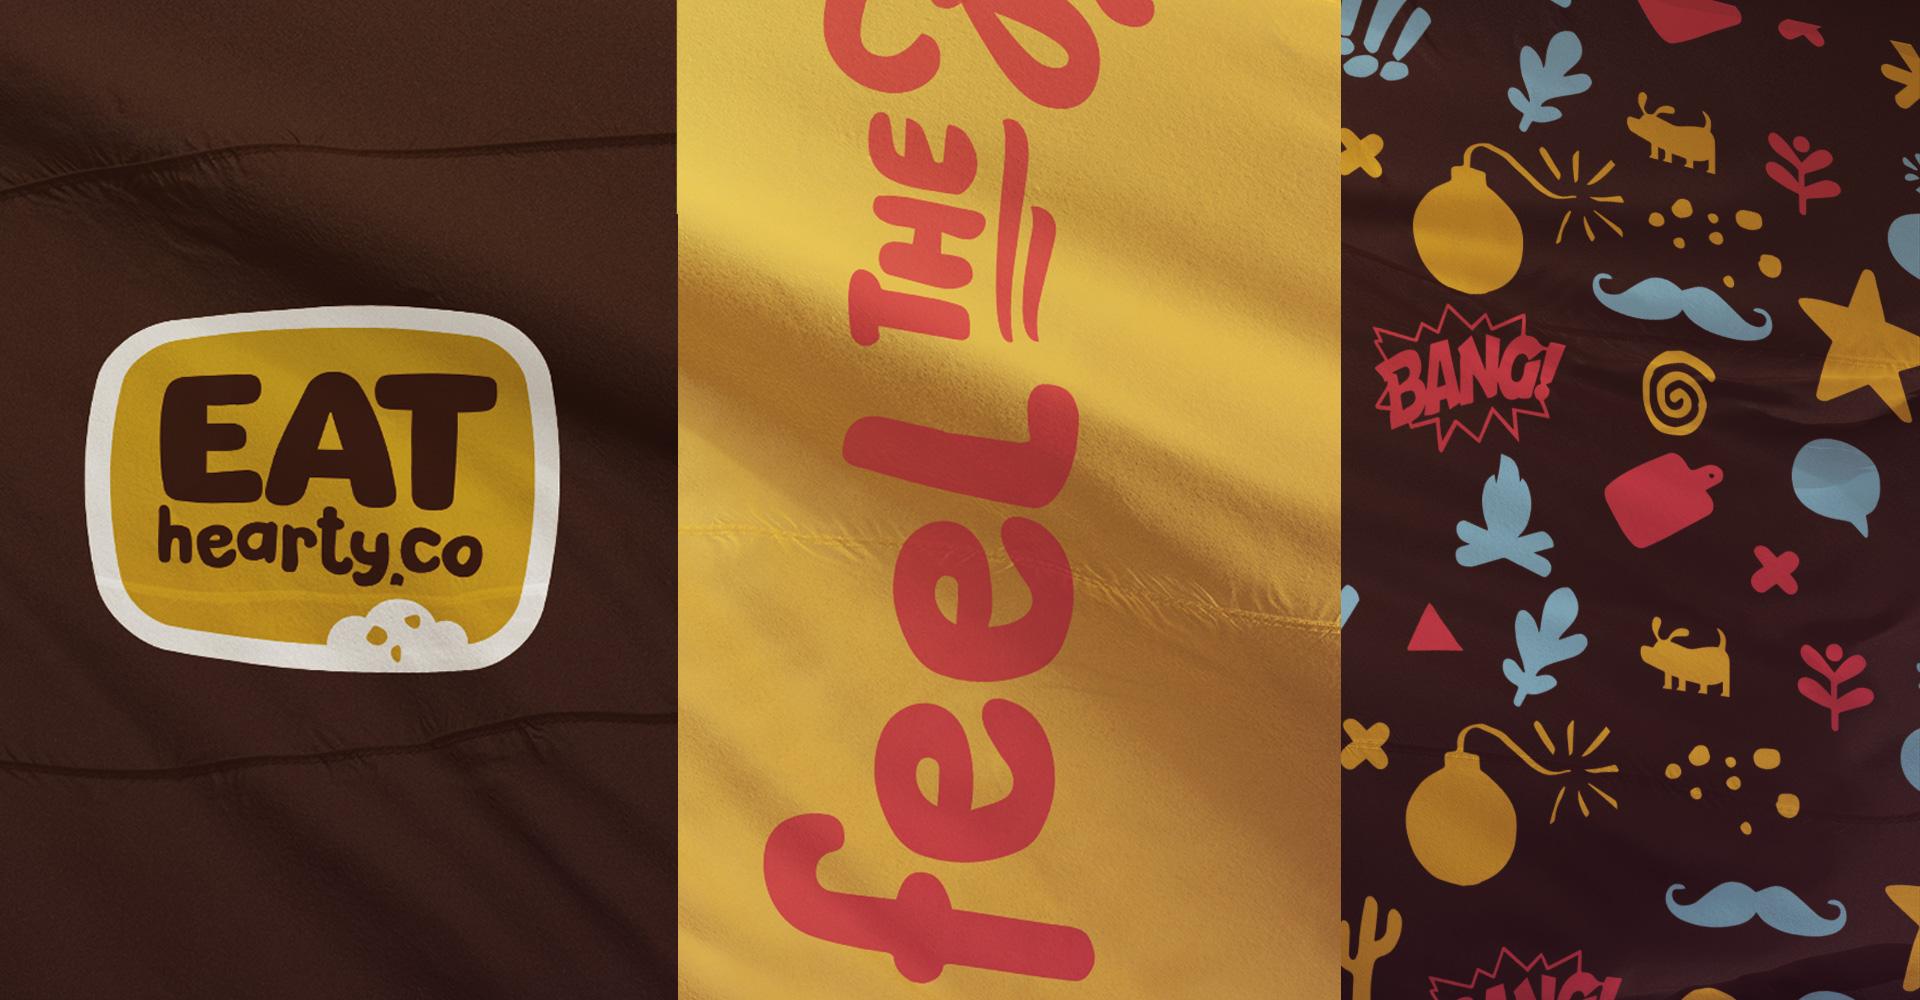 Dizajn i izrada zastave fast food restorana Eat Hearty Co.